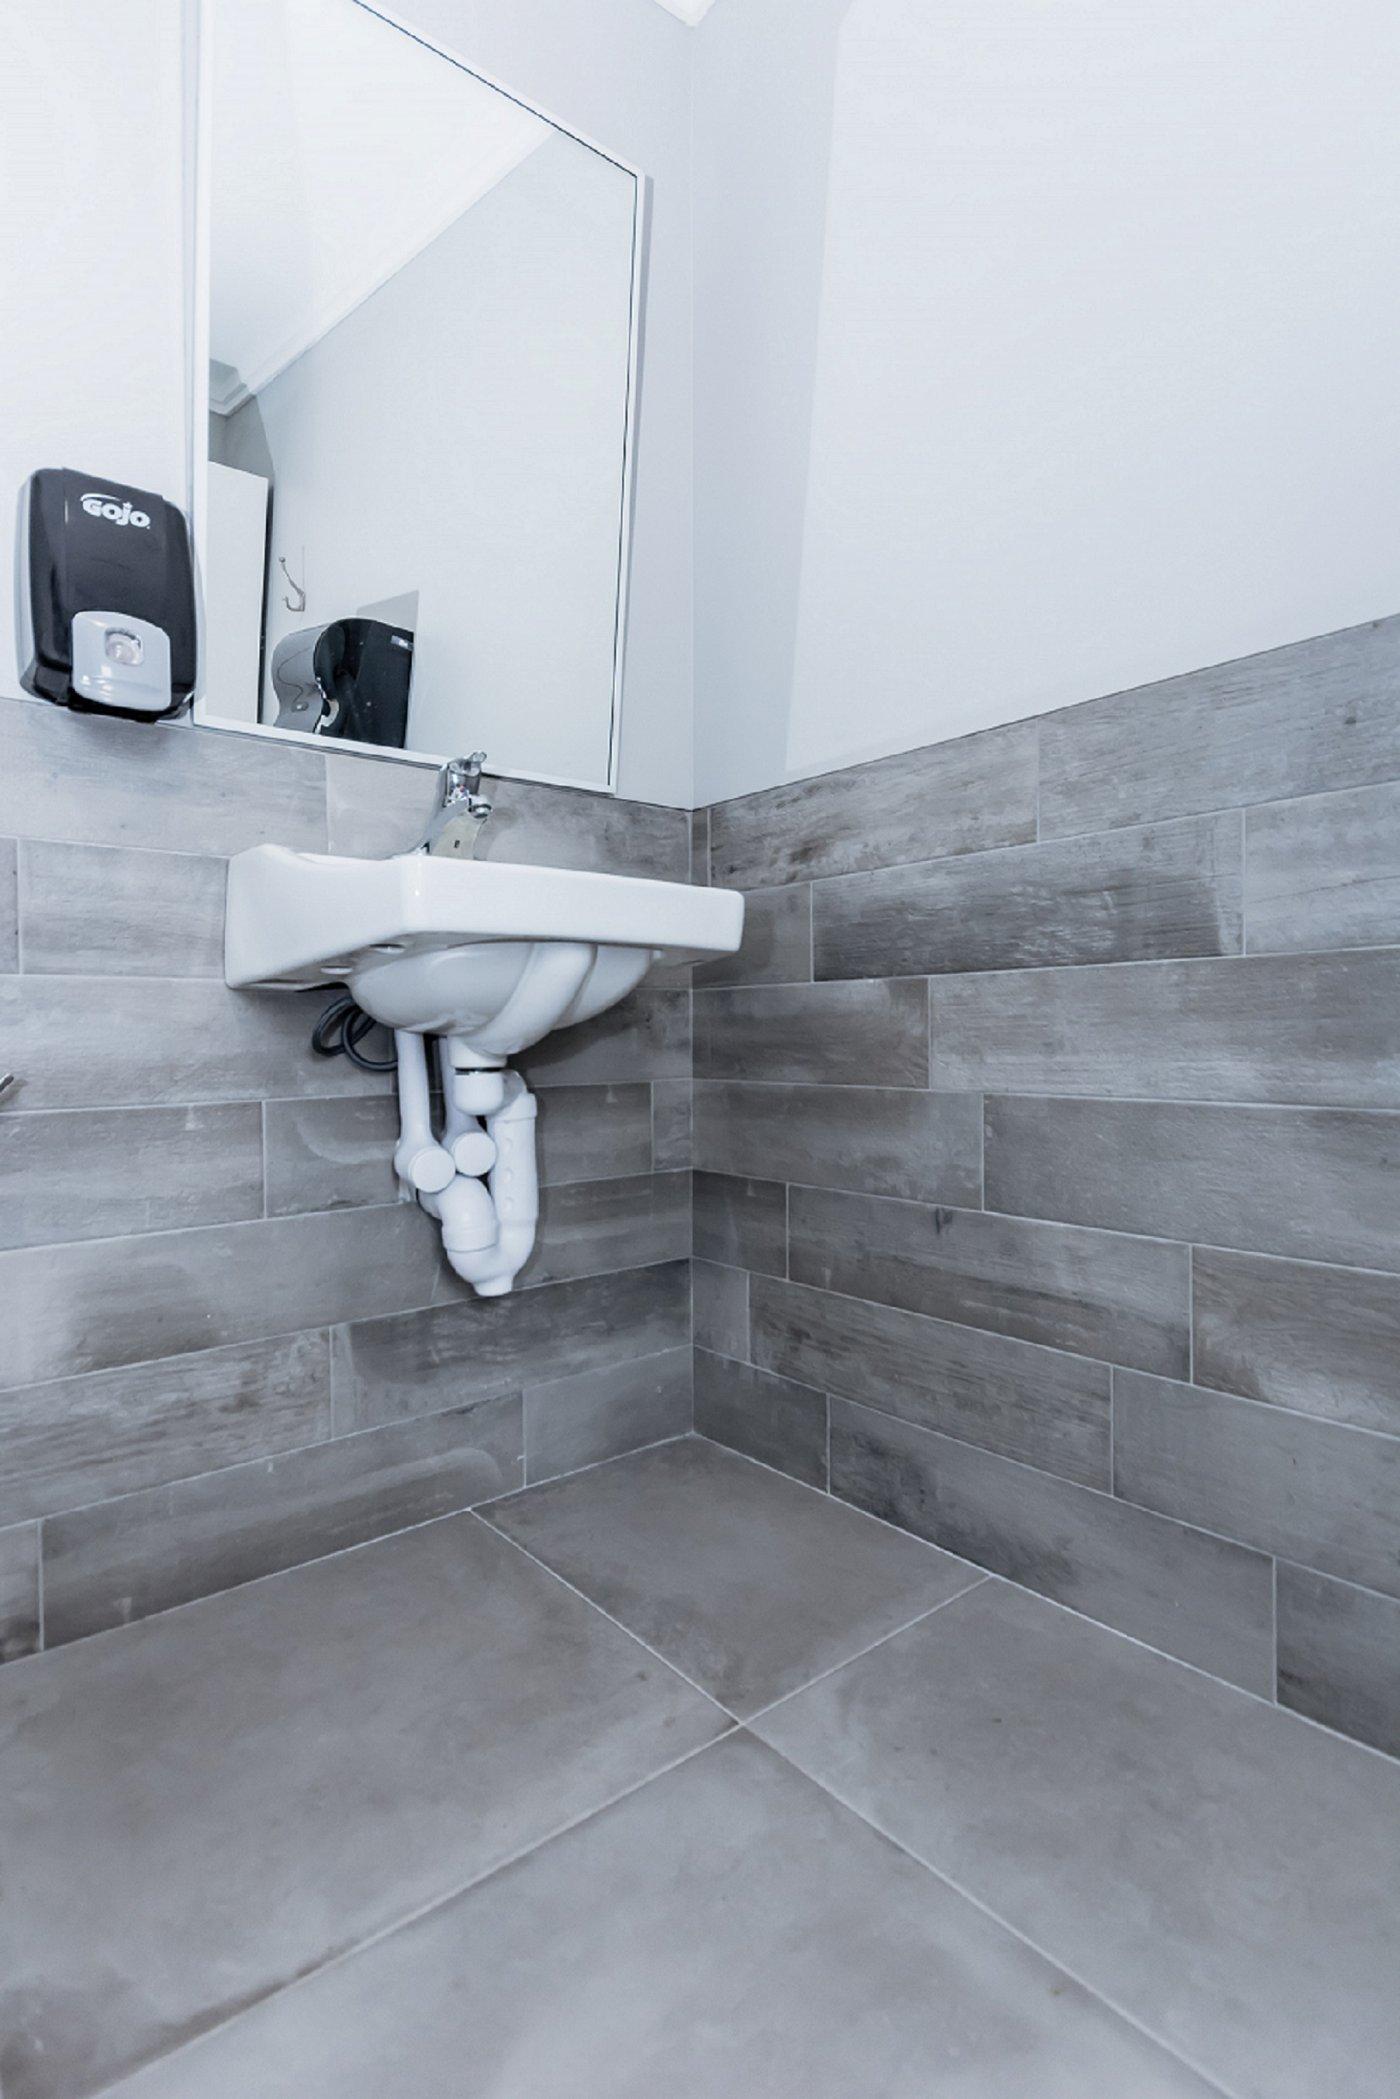 Tiled Bathroom Floor and Wall | Ceramic Decor